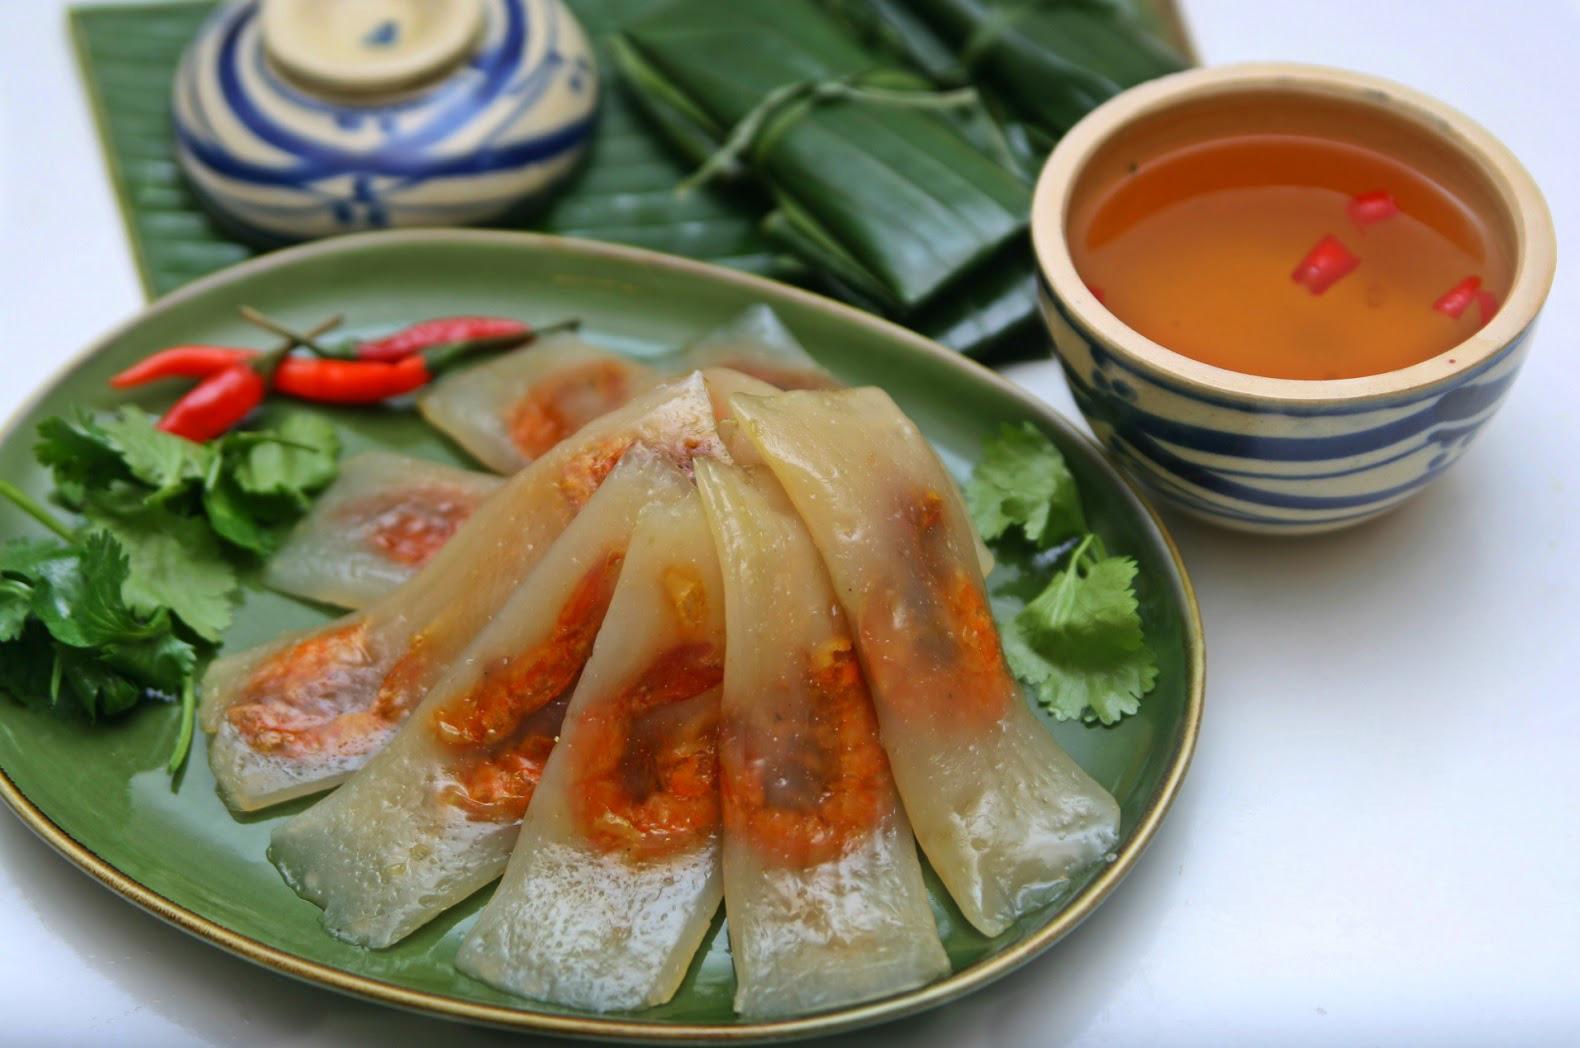 Bánh bột lọc – biểu tượng dân gian của ẩm thực Huế